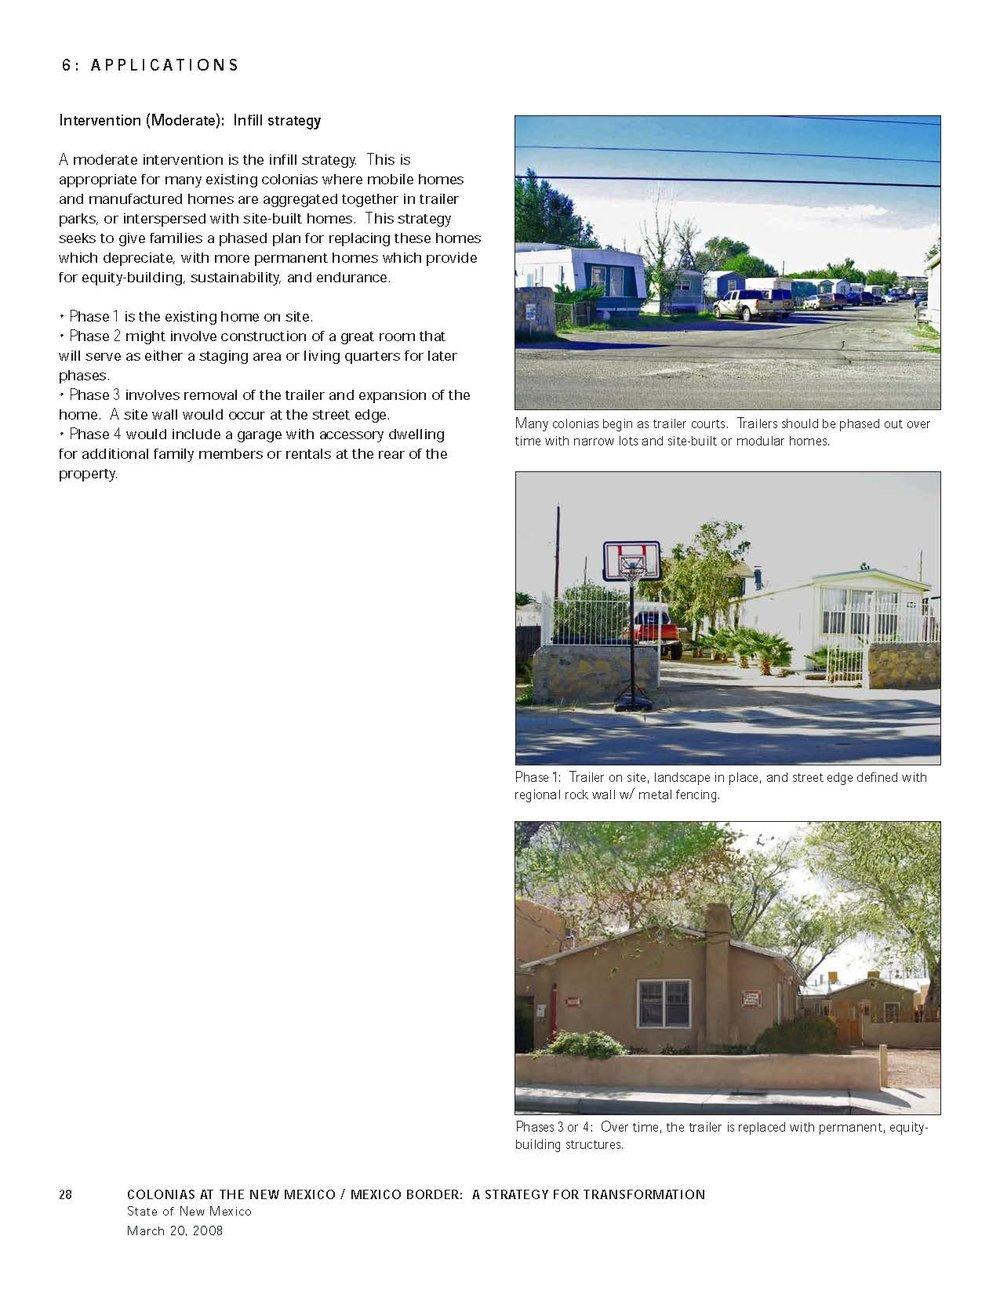 colonias_Page_28.jpg